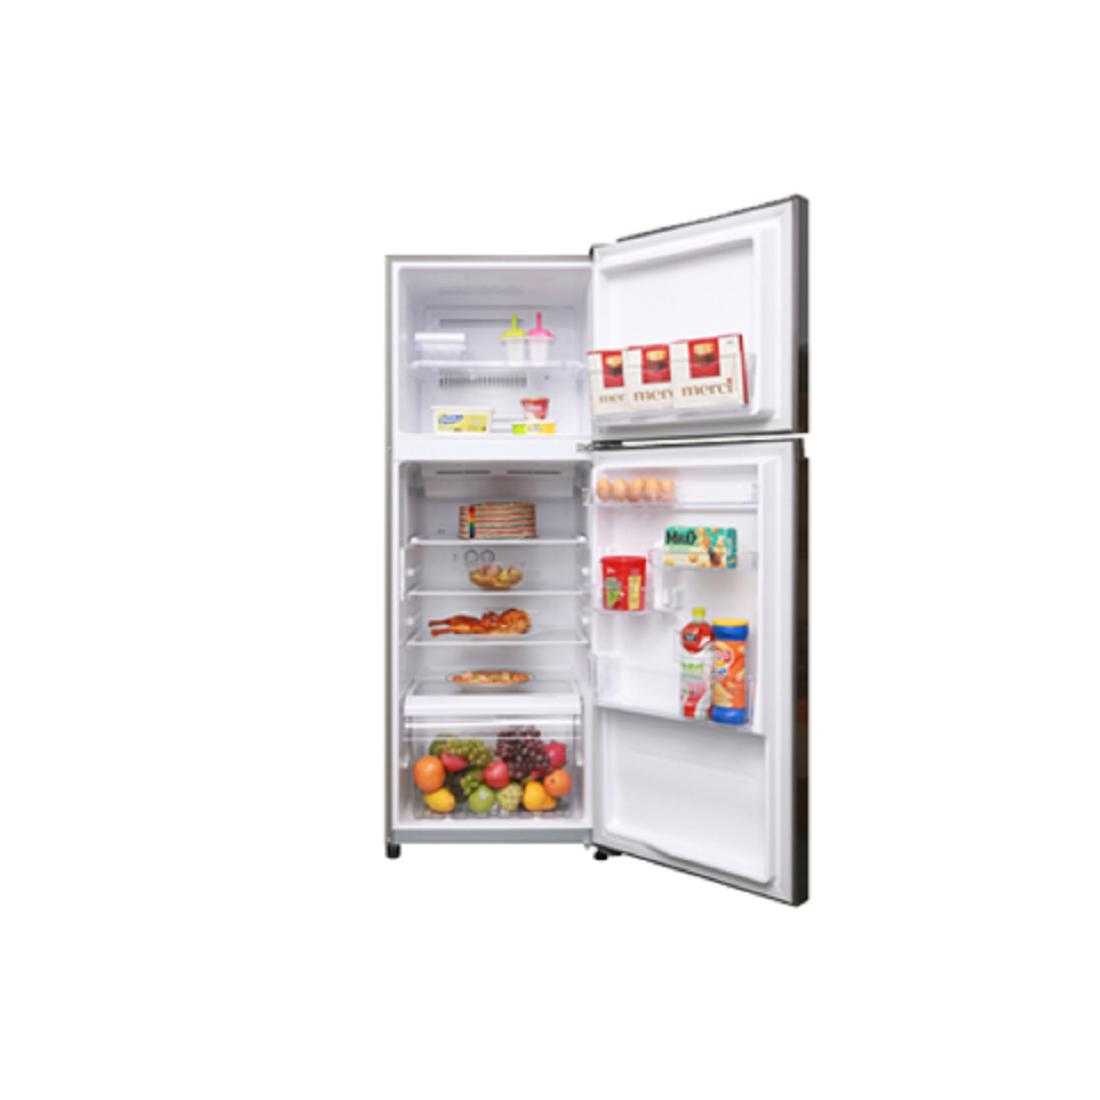 Tủ lạnh Toshiba Inverter 305 lít GR-A36VUBZ(DS)-Thế giới đồ gia